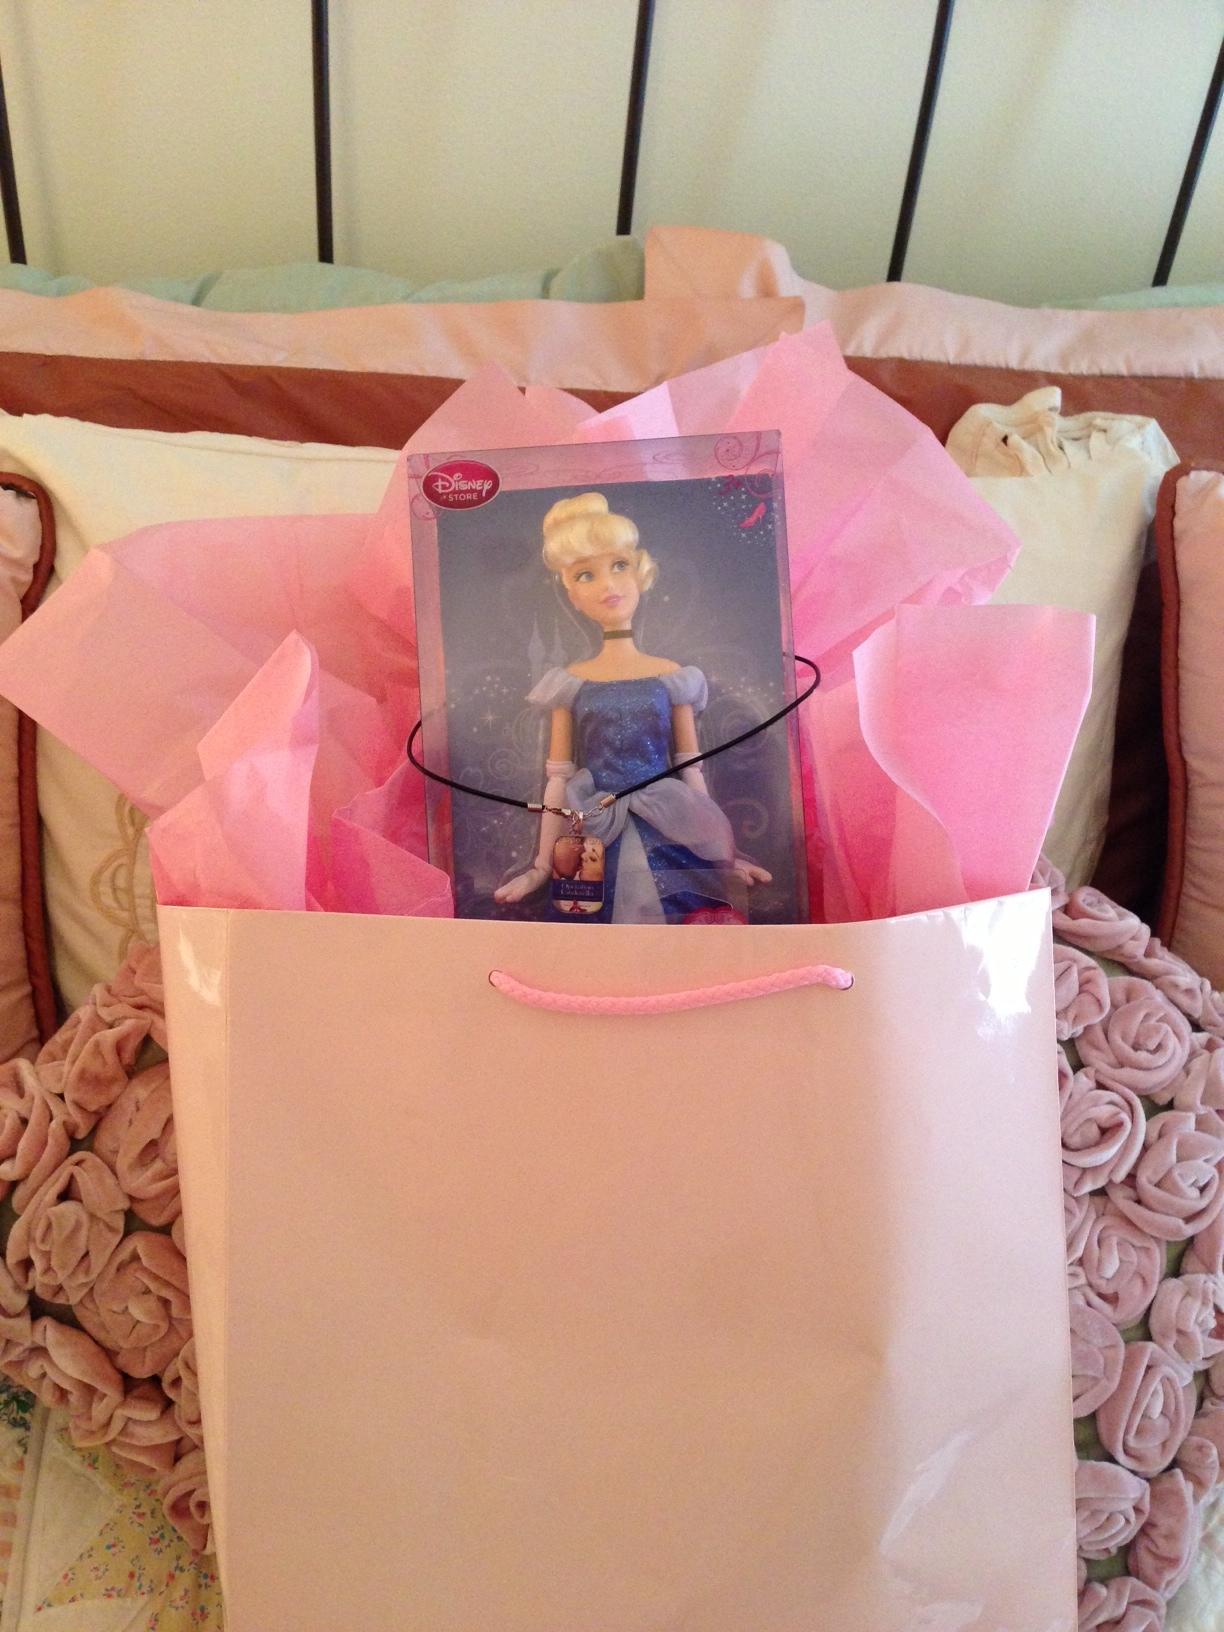 Suddenly_Cinderella_Gift_Basket_12-27-12